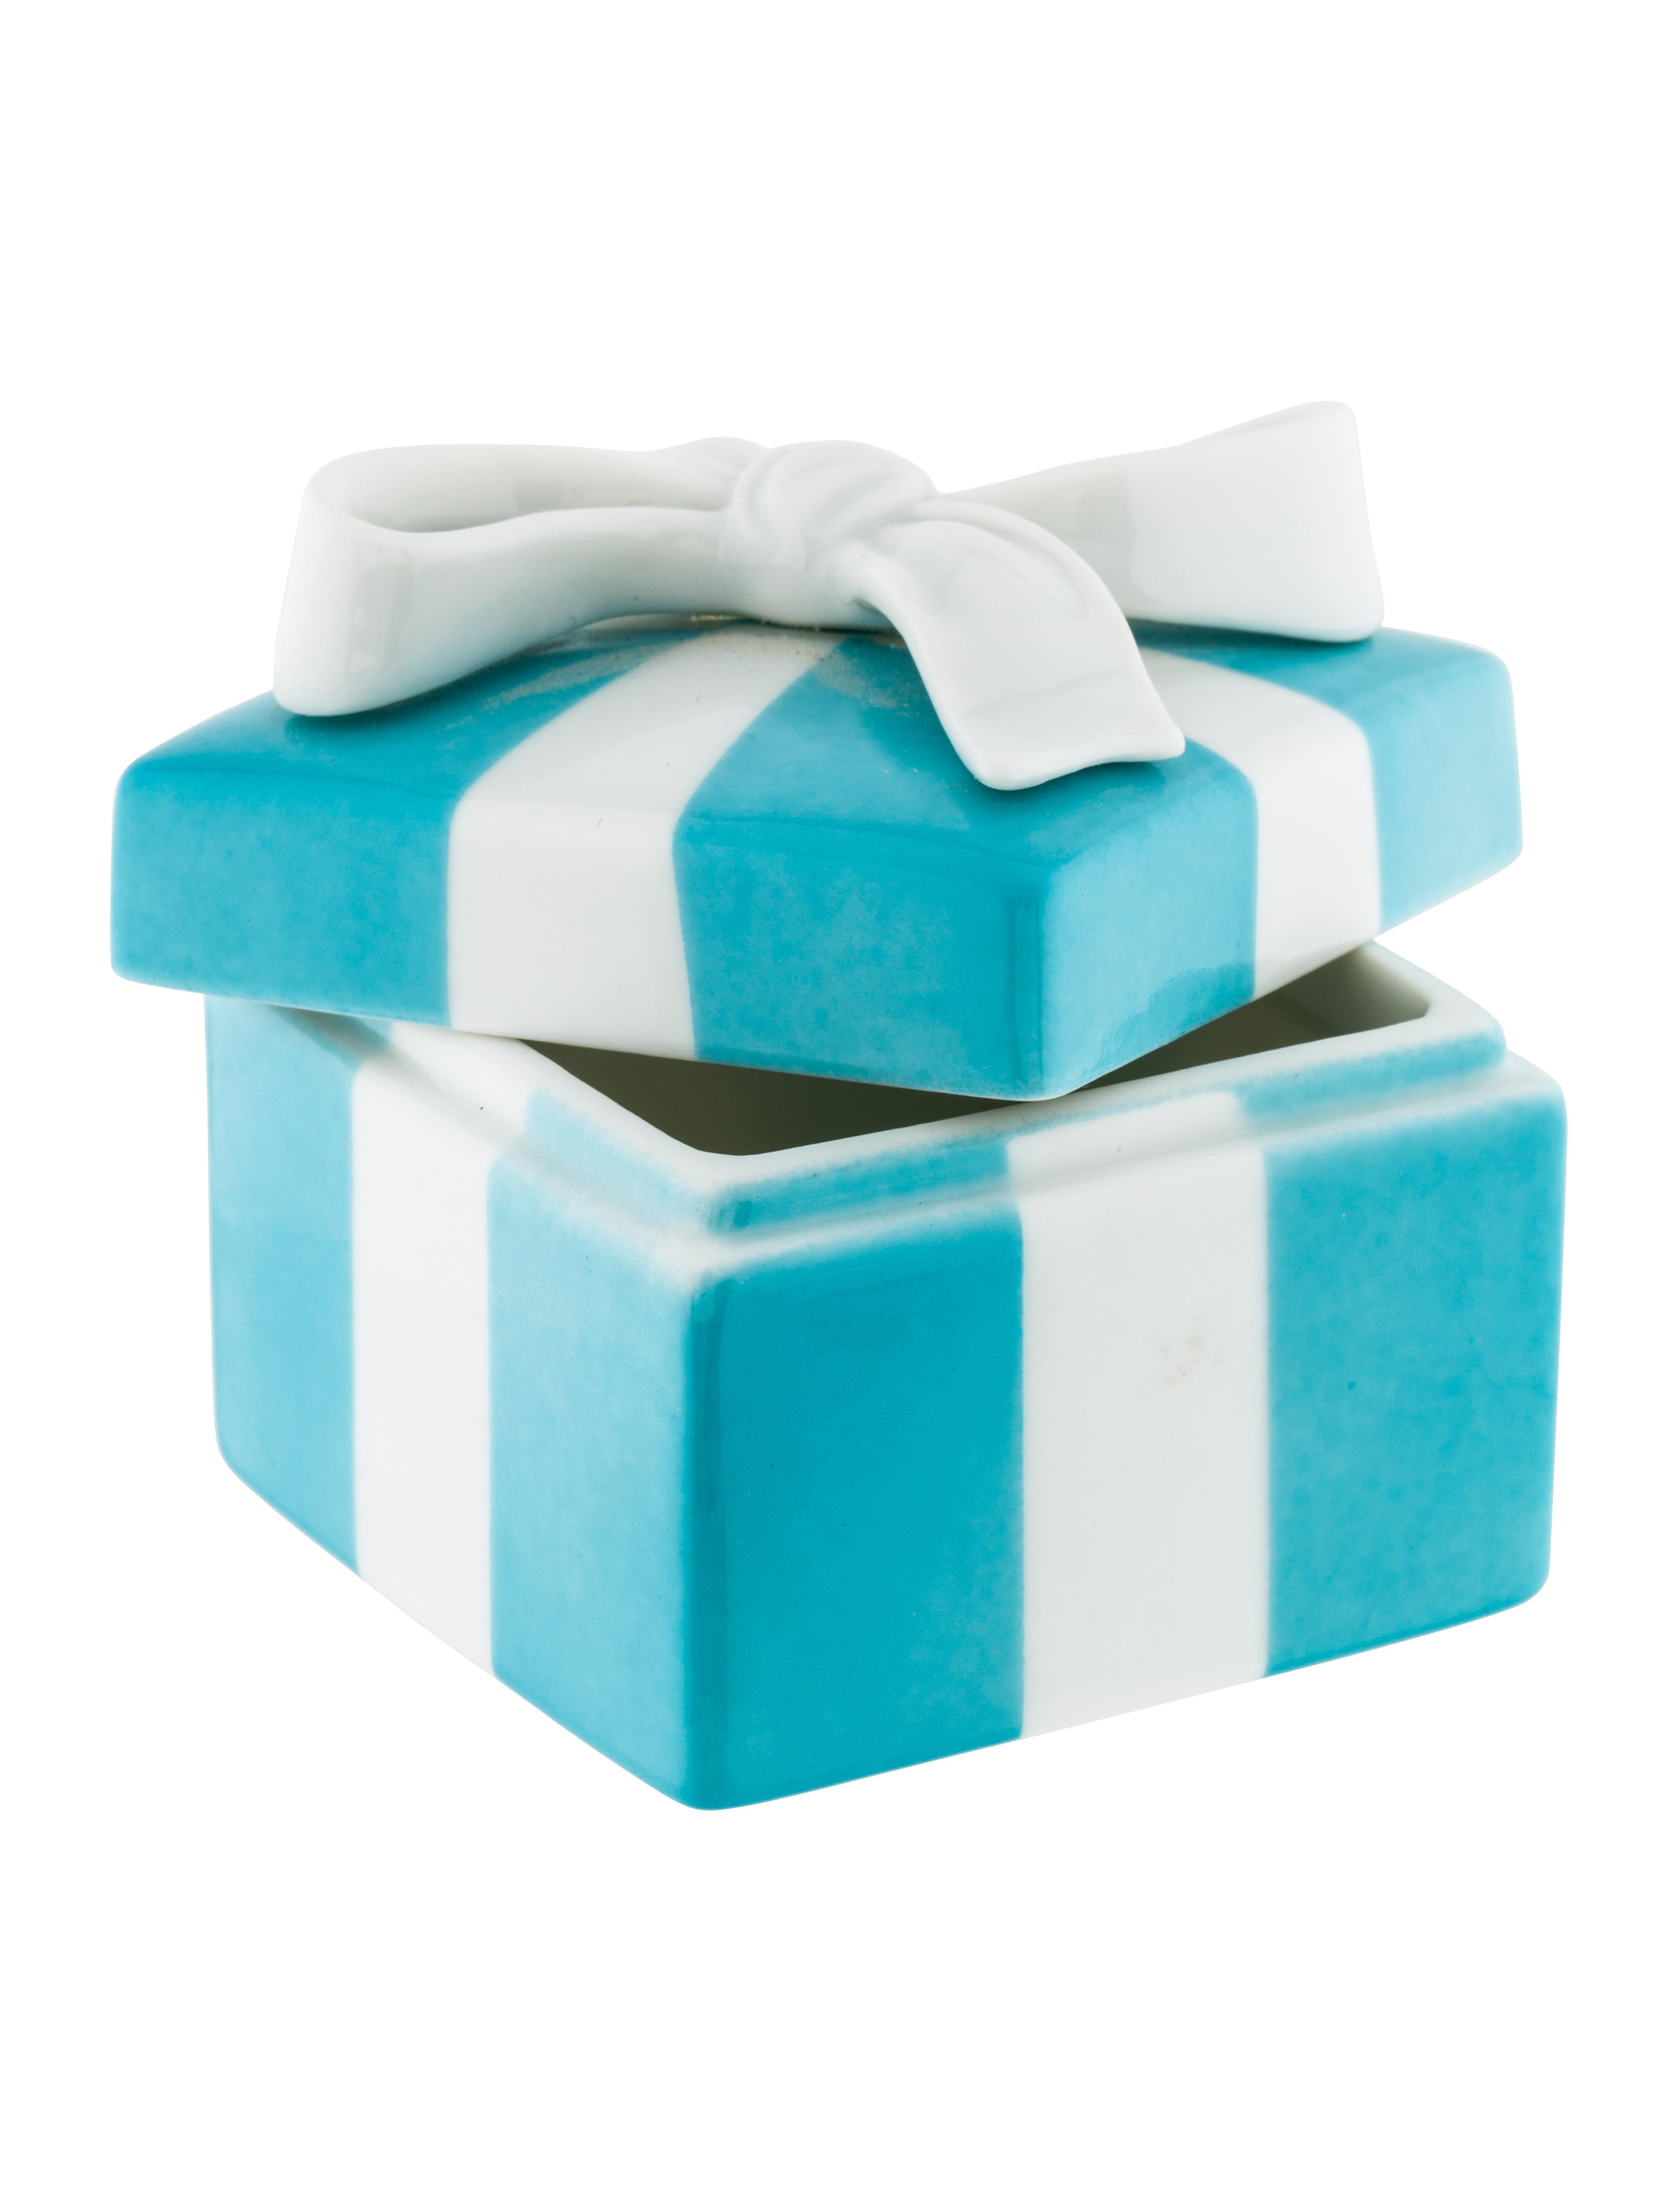 Tiffany & Co. Tiffany Blue Box - Decor And Accessories ...